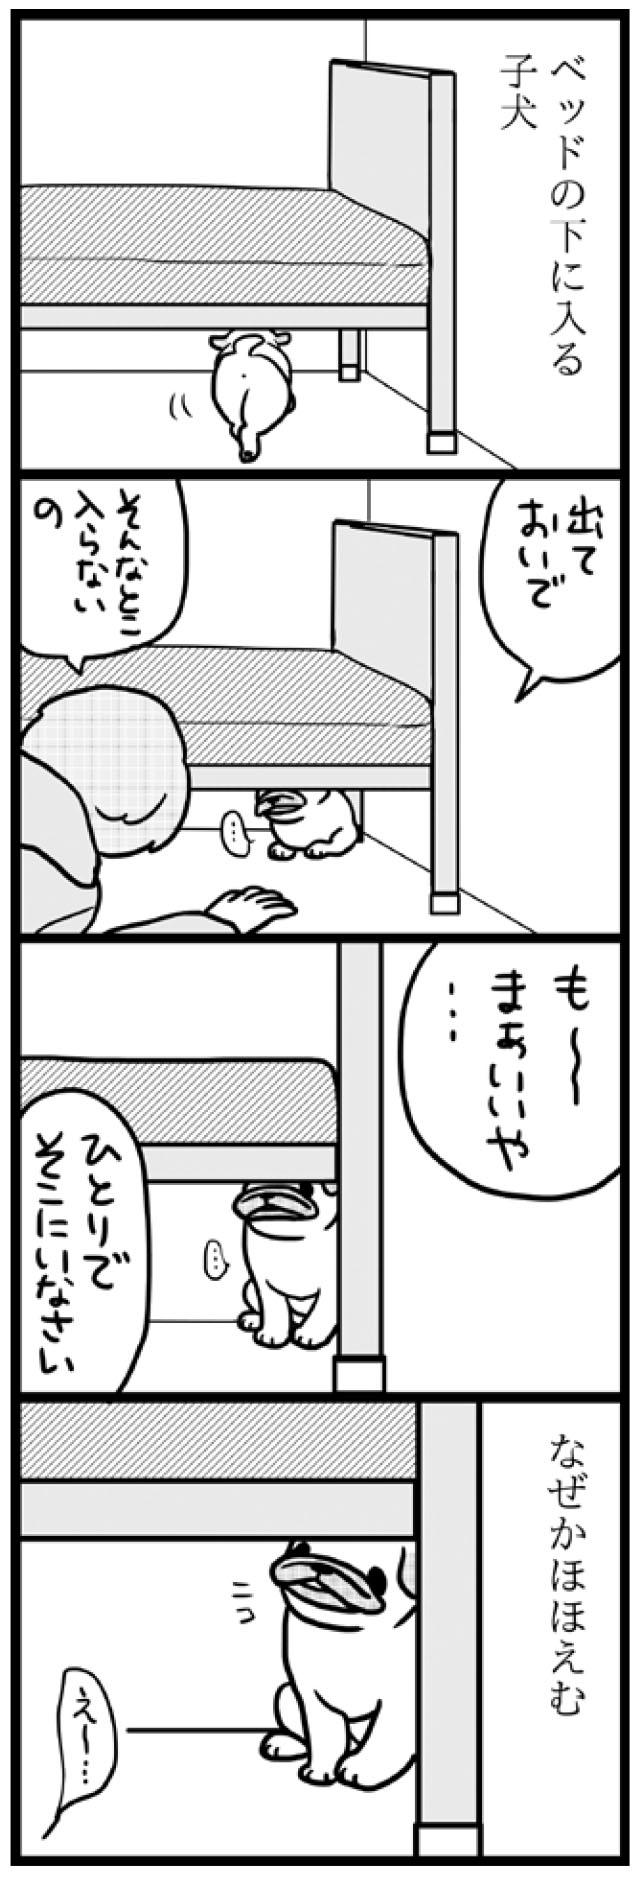 パグ2_01